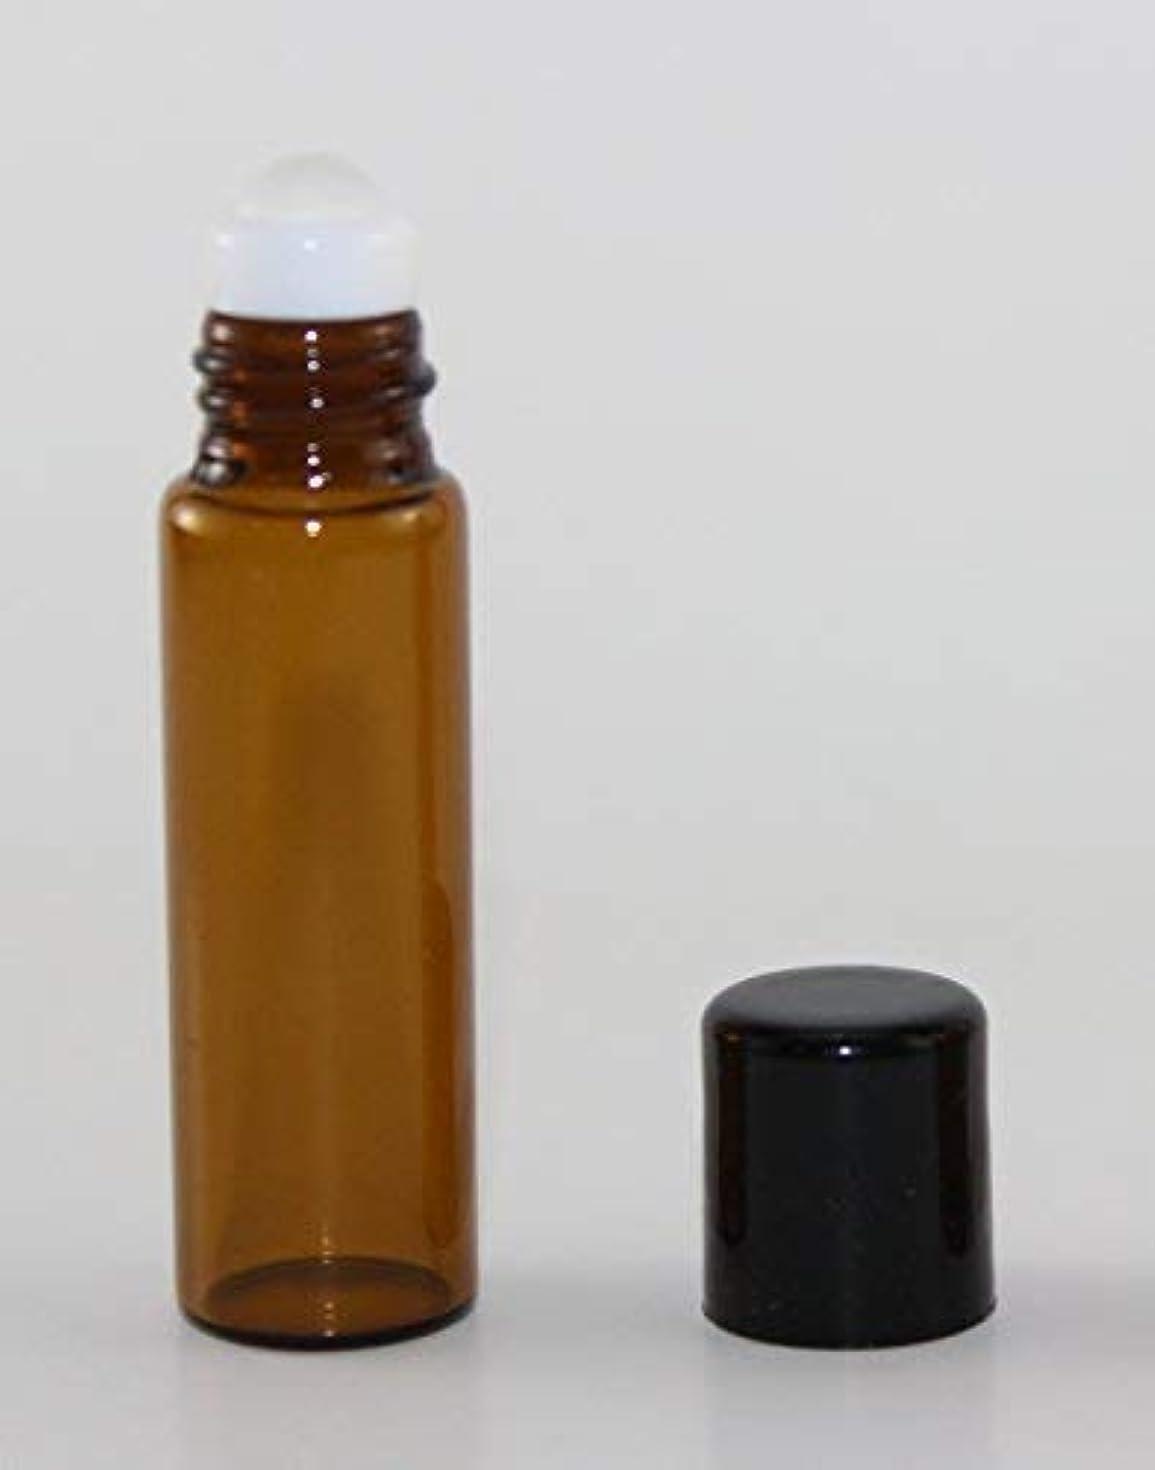 欠席シャンプー賭けUSA 72 Amber Glass 5 ml Roll-On Glass Bottles with GLASS Roller Roll On Balls - Refillable Aromatherapy Essential Oil Roll On (72) [並行輸入品]